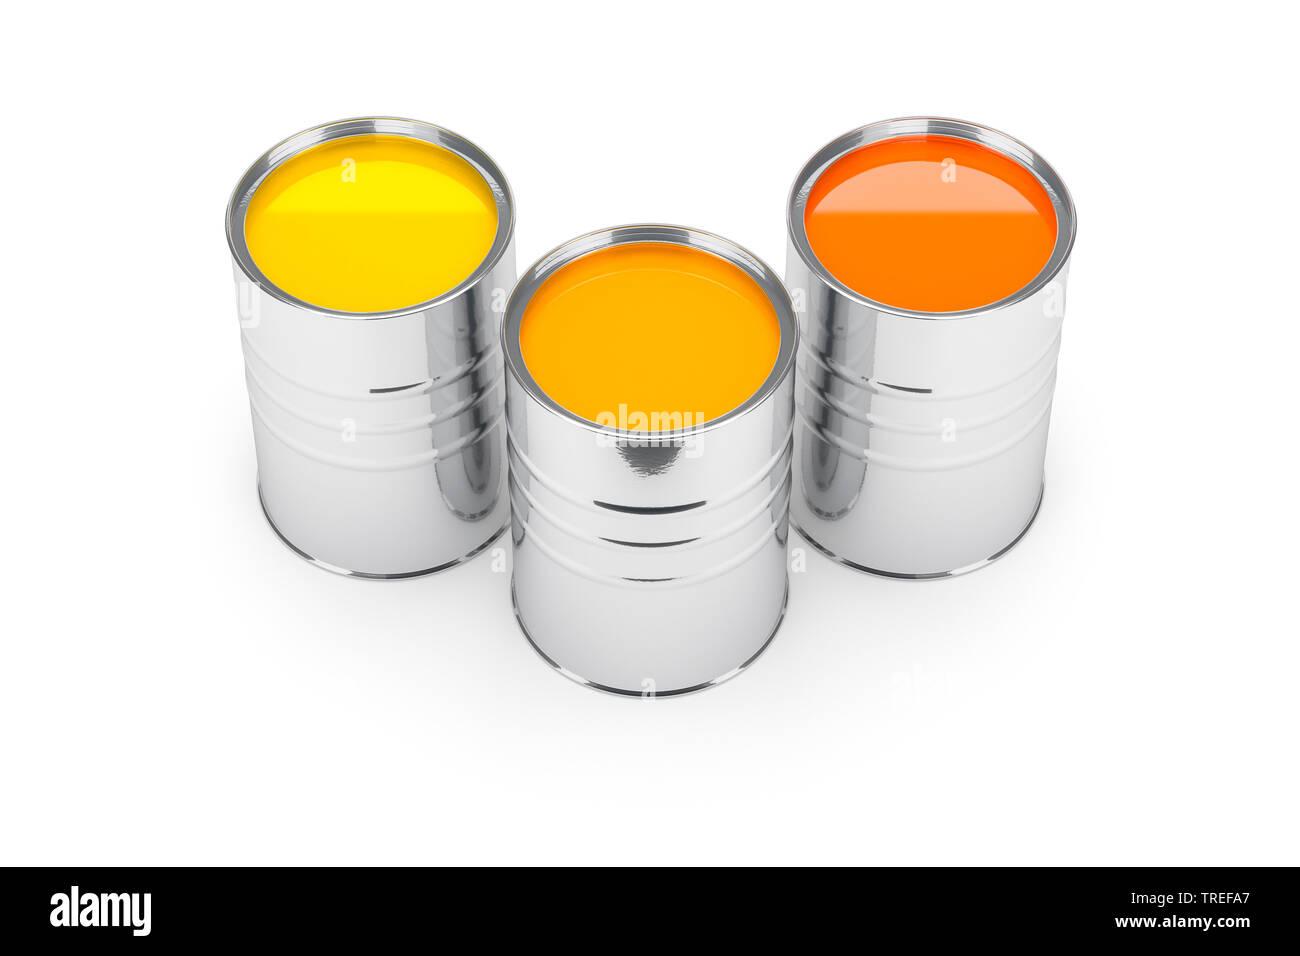 Drei Farbeimer mit Farben in Gelb- und Orangetoenen vor weissem Hintergrund | Three paint pots with paint in yellow and orange tones on white surface, - Stock Image